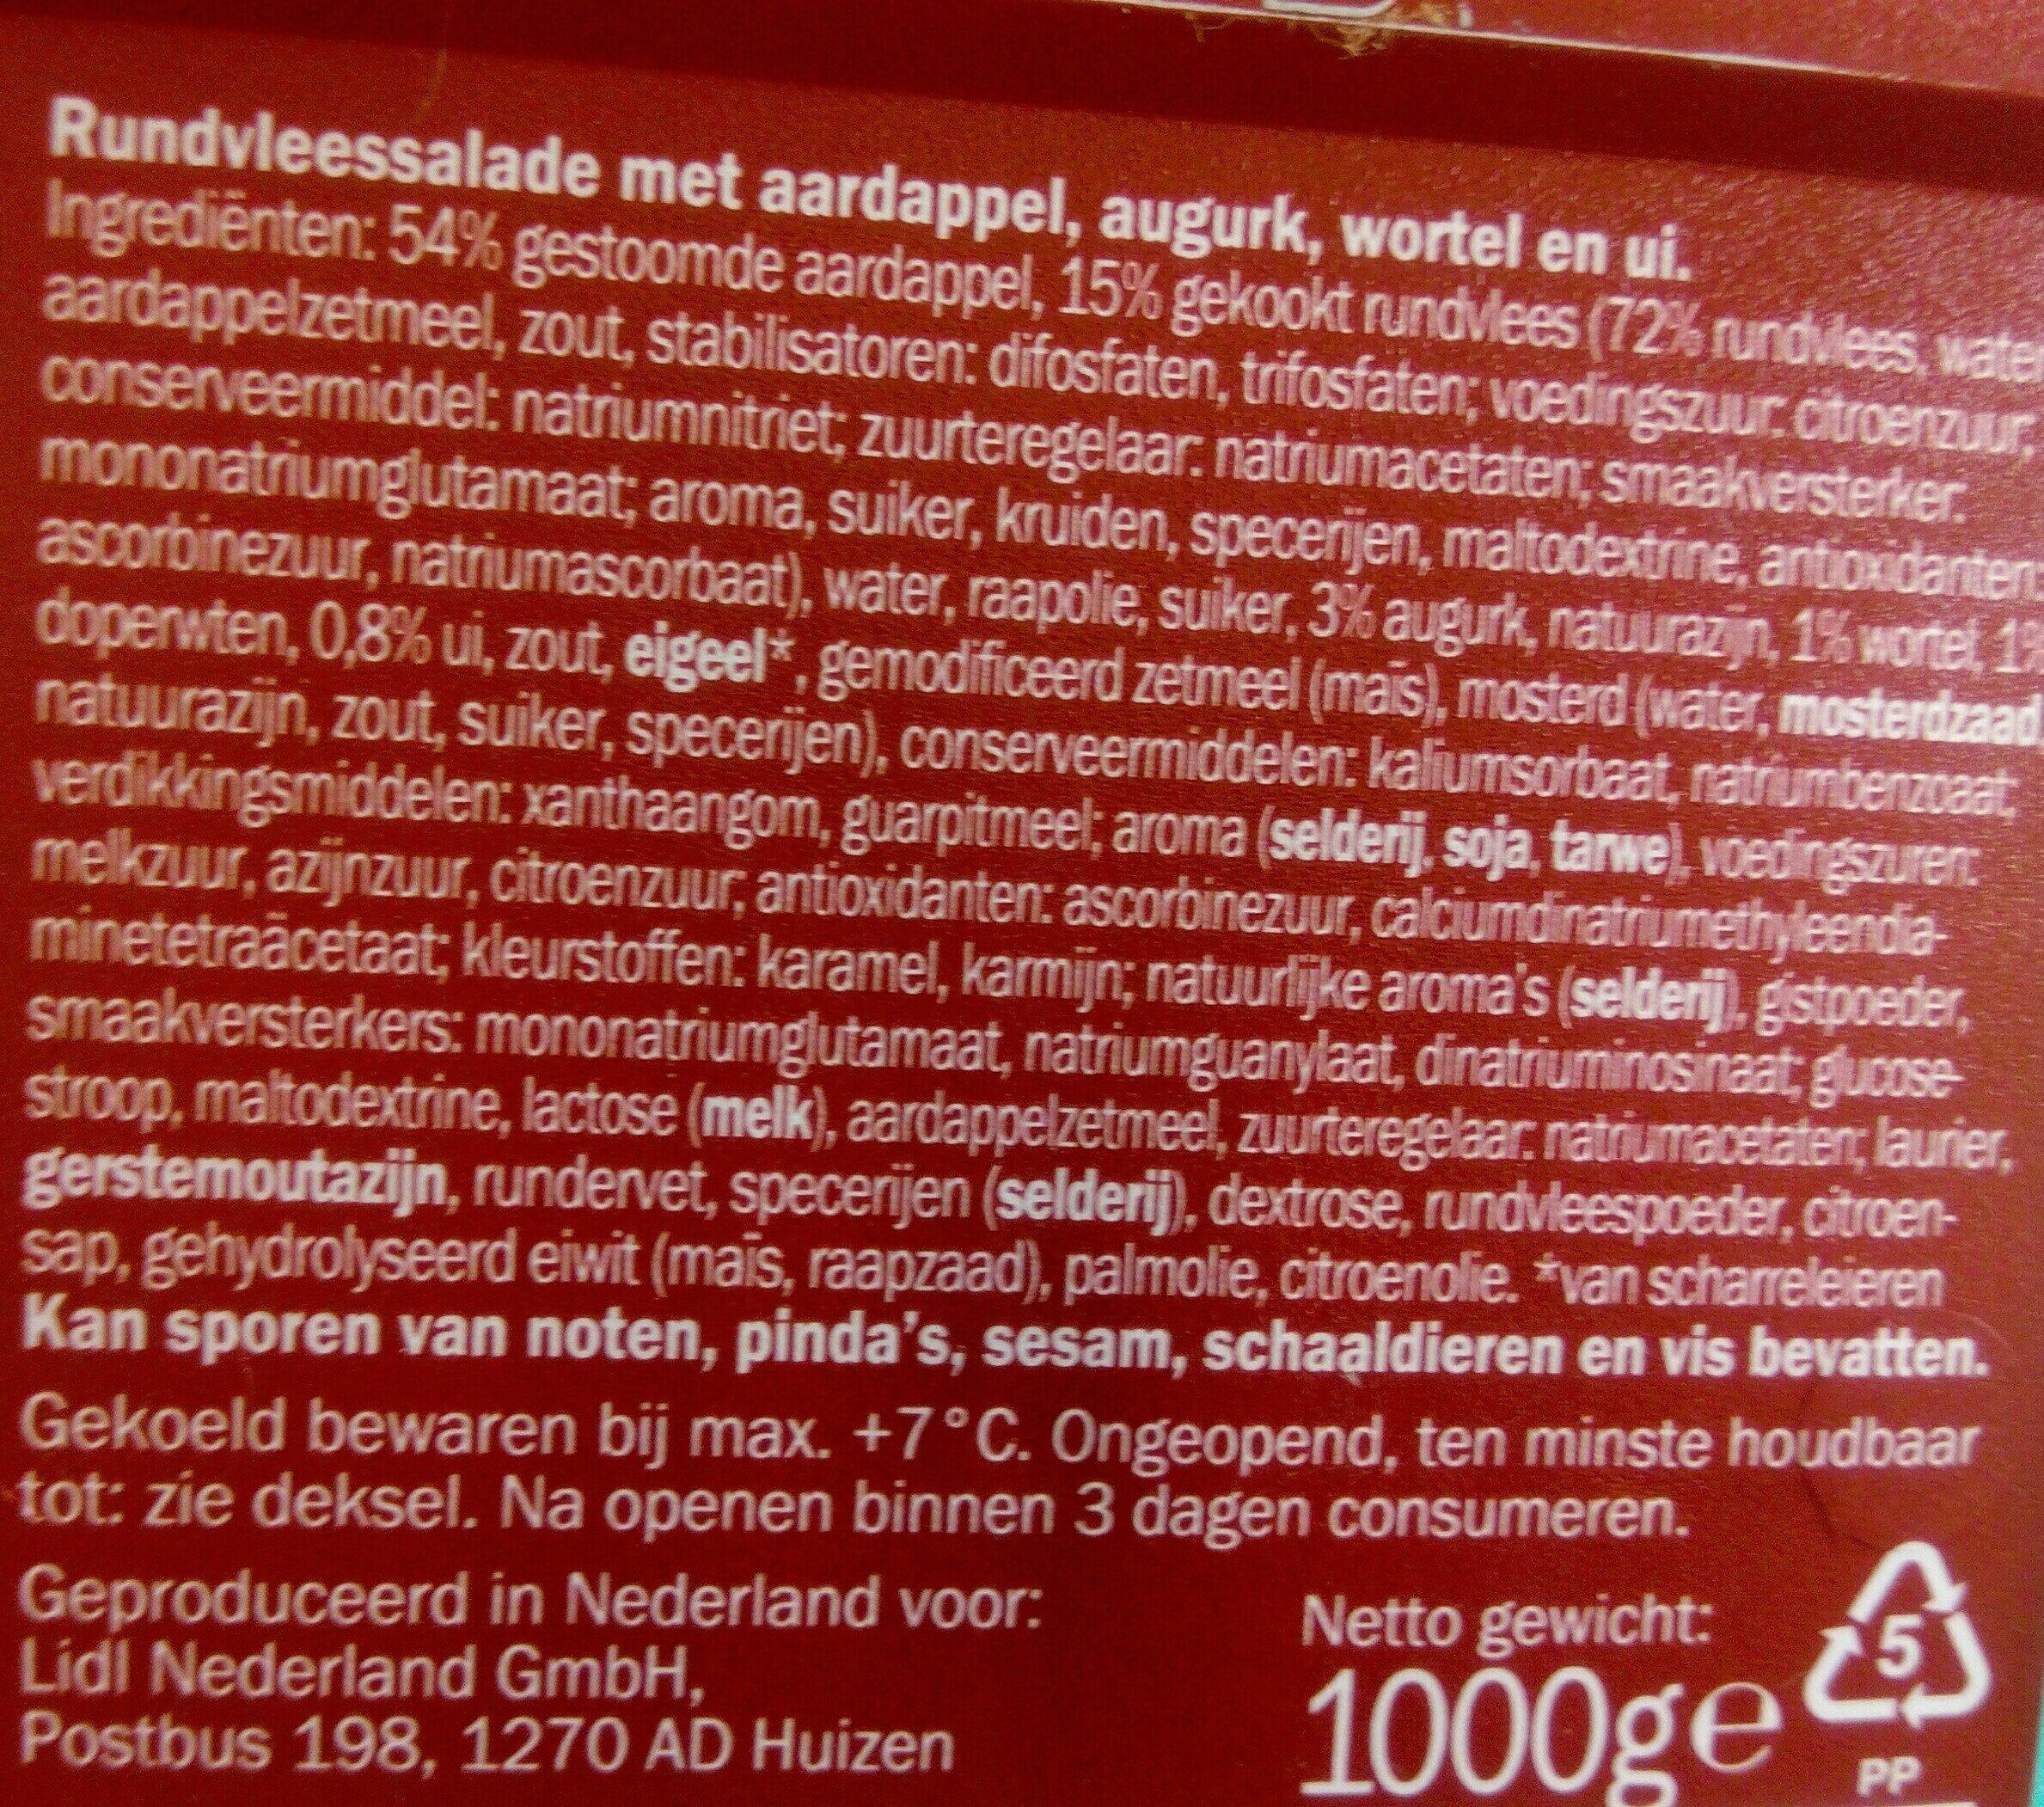 rundvlees salade - Ingredients - en